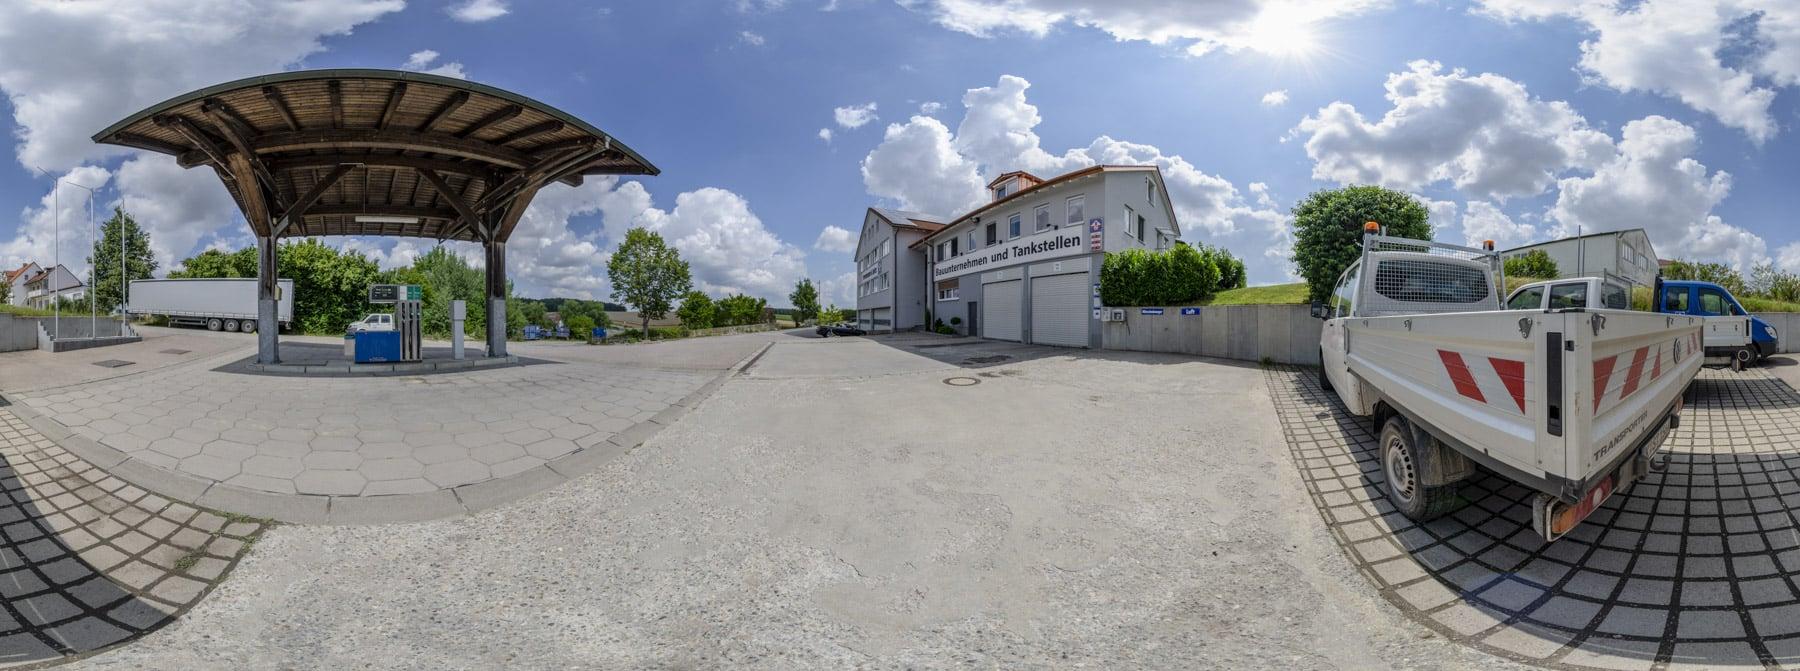 Tankstelle Alberzell 360°